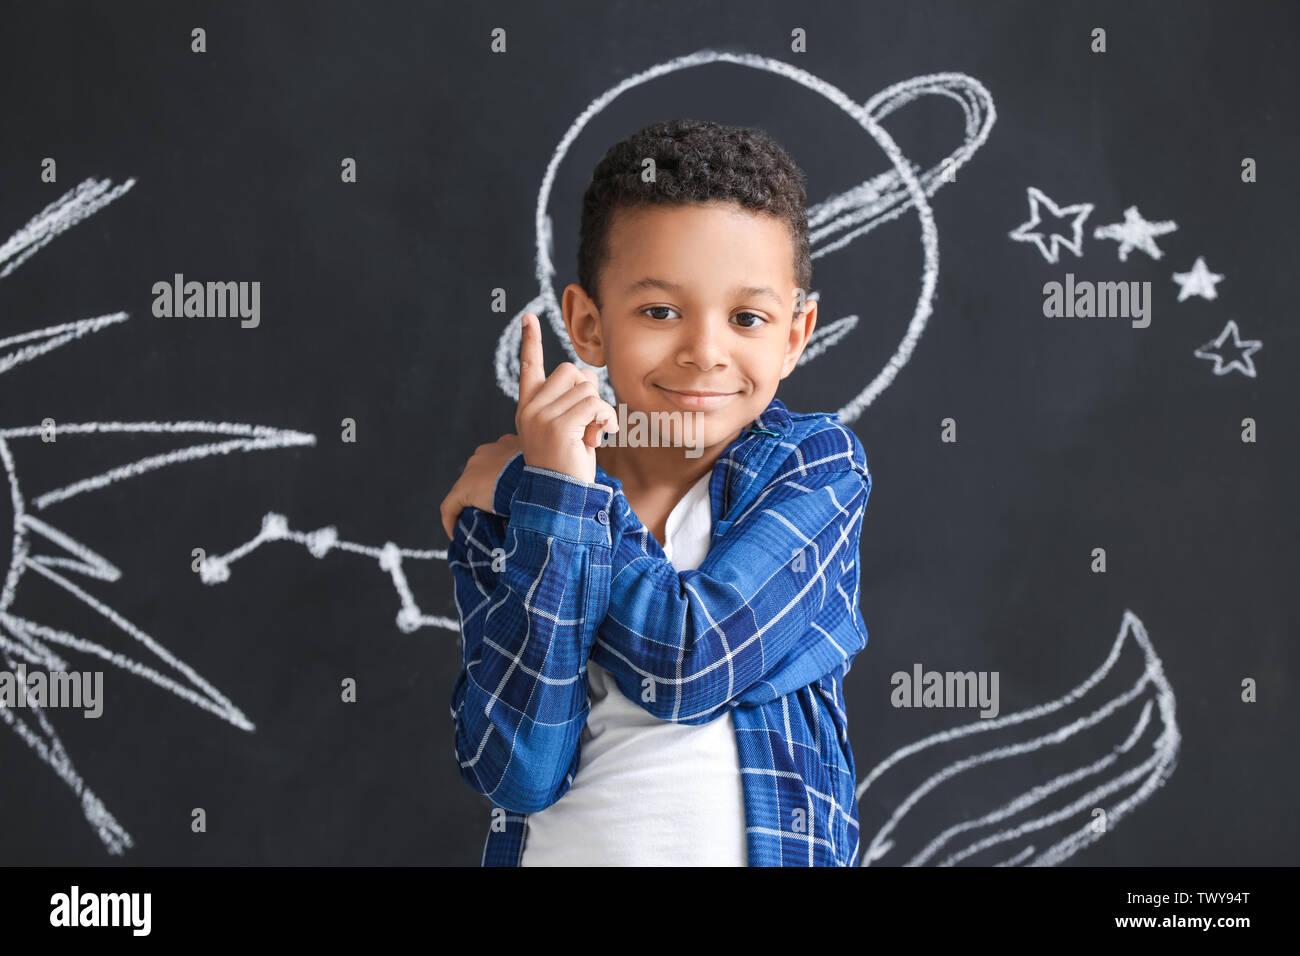 Mignon garçon afro-américaine près de mur sombre avec de l'espace dessiné Photo Stock